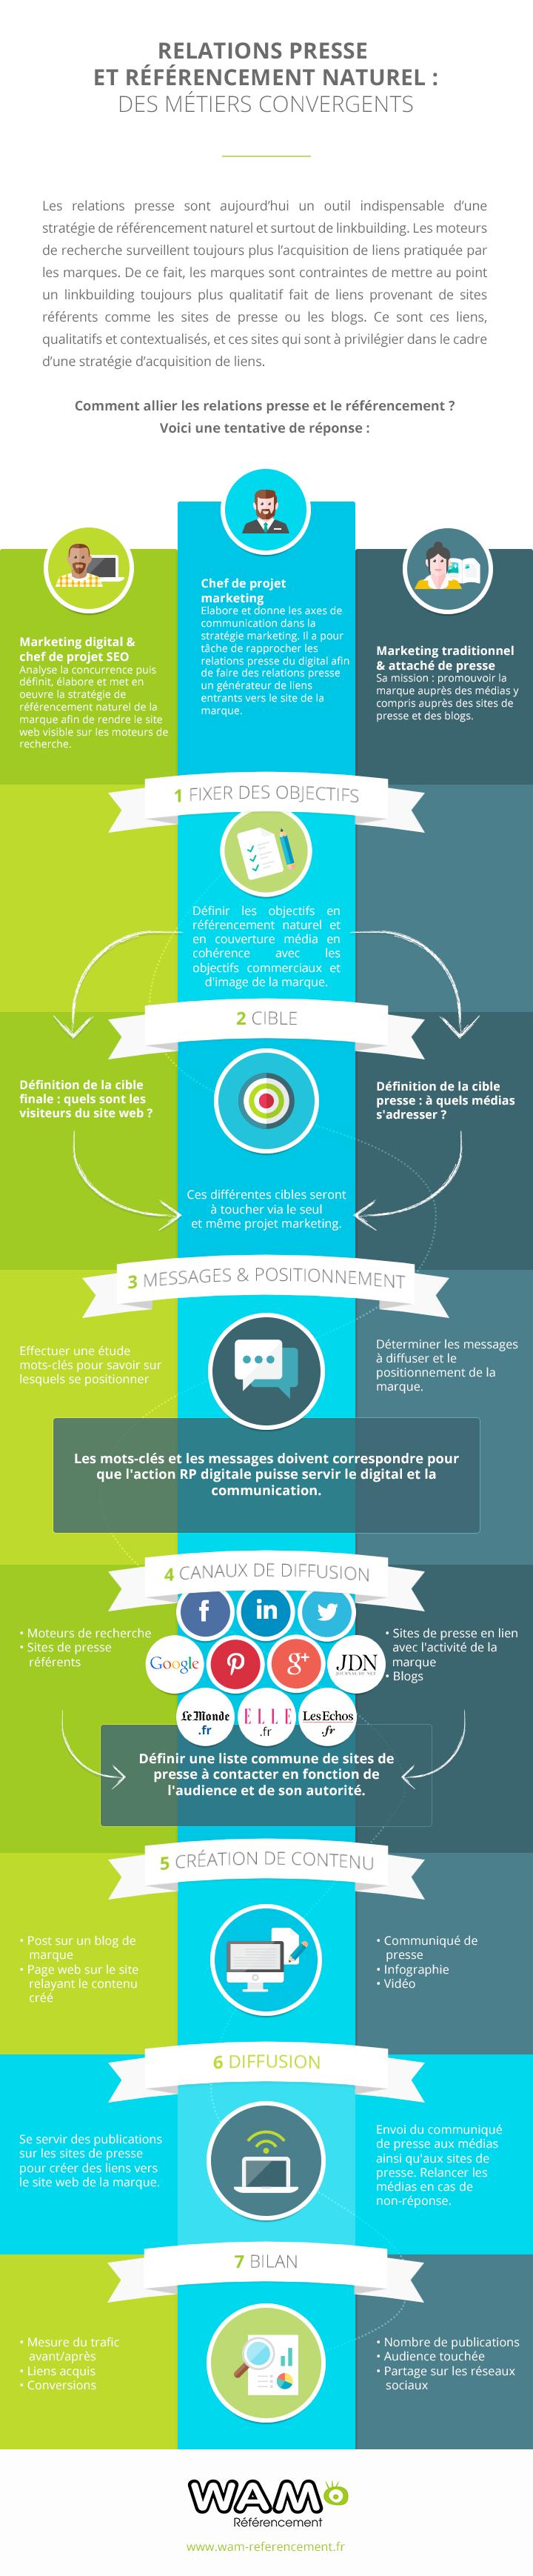 infographie-communiques-de-presse-seo